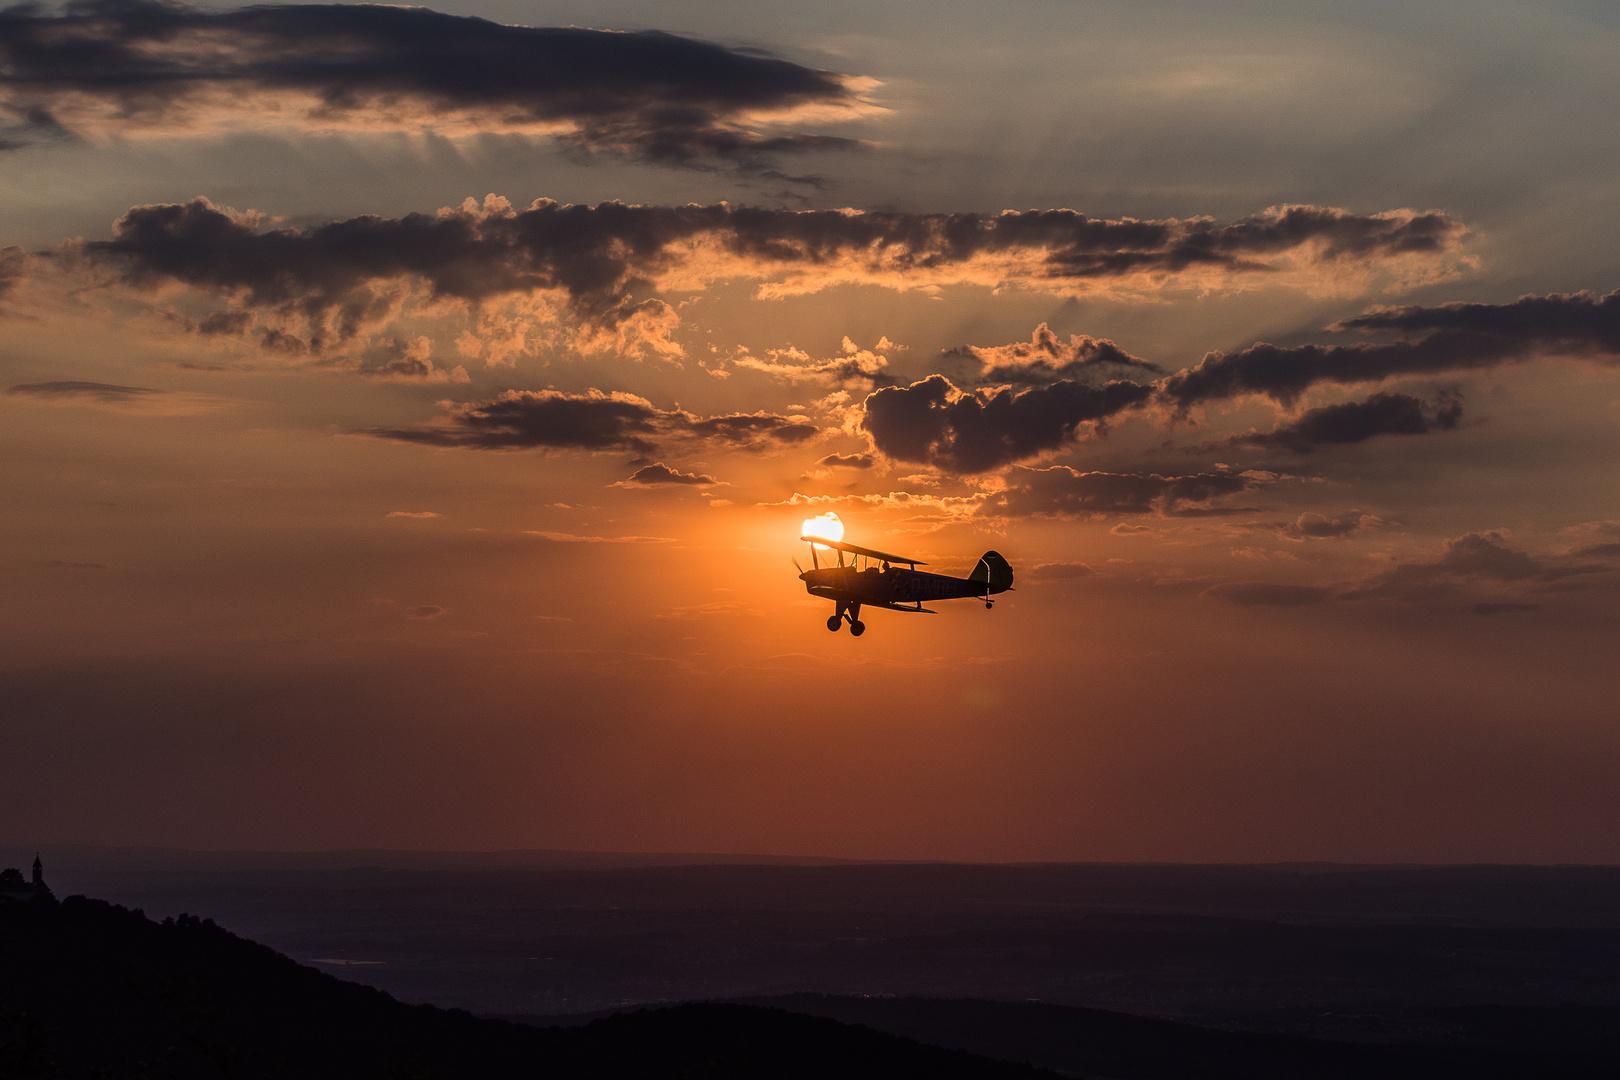 Sonnenuntergang auf dem Breitenstein